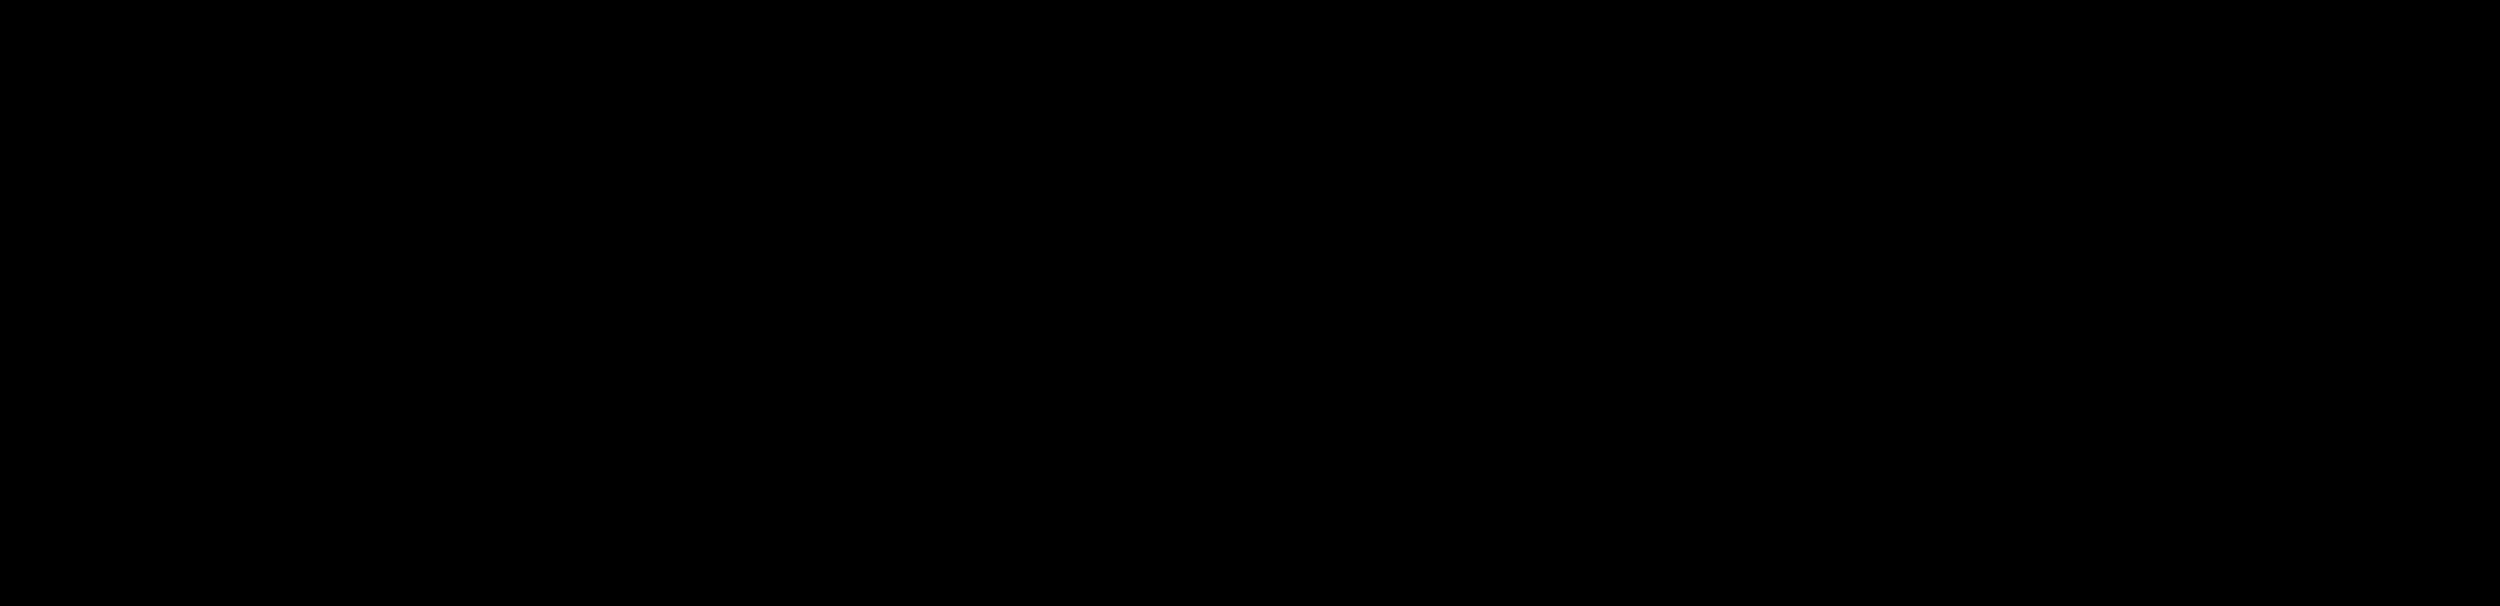 Footer logos3.png